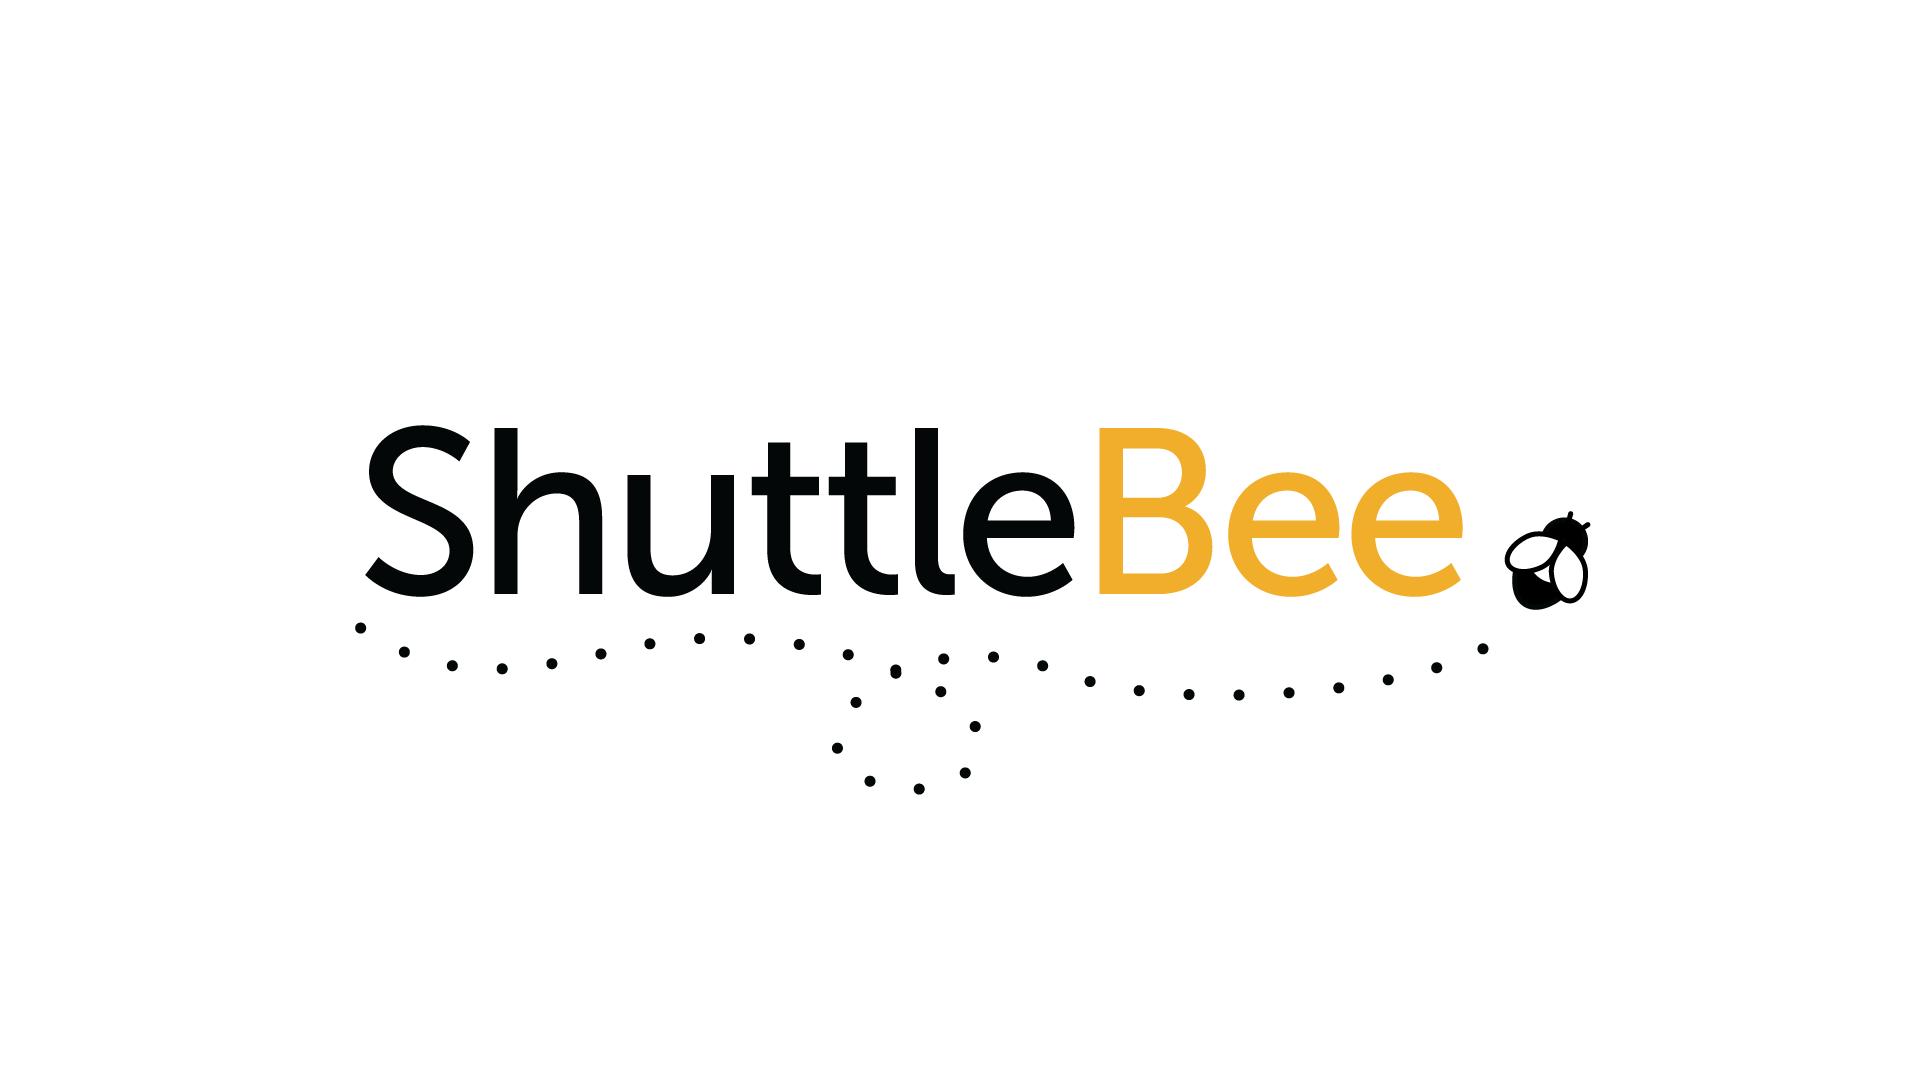 shutlebee_2 (1).png